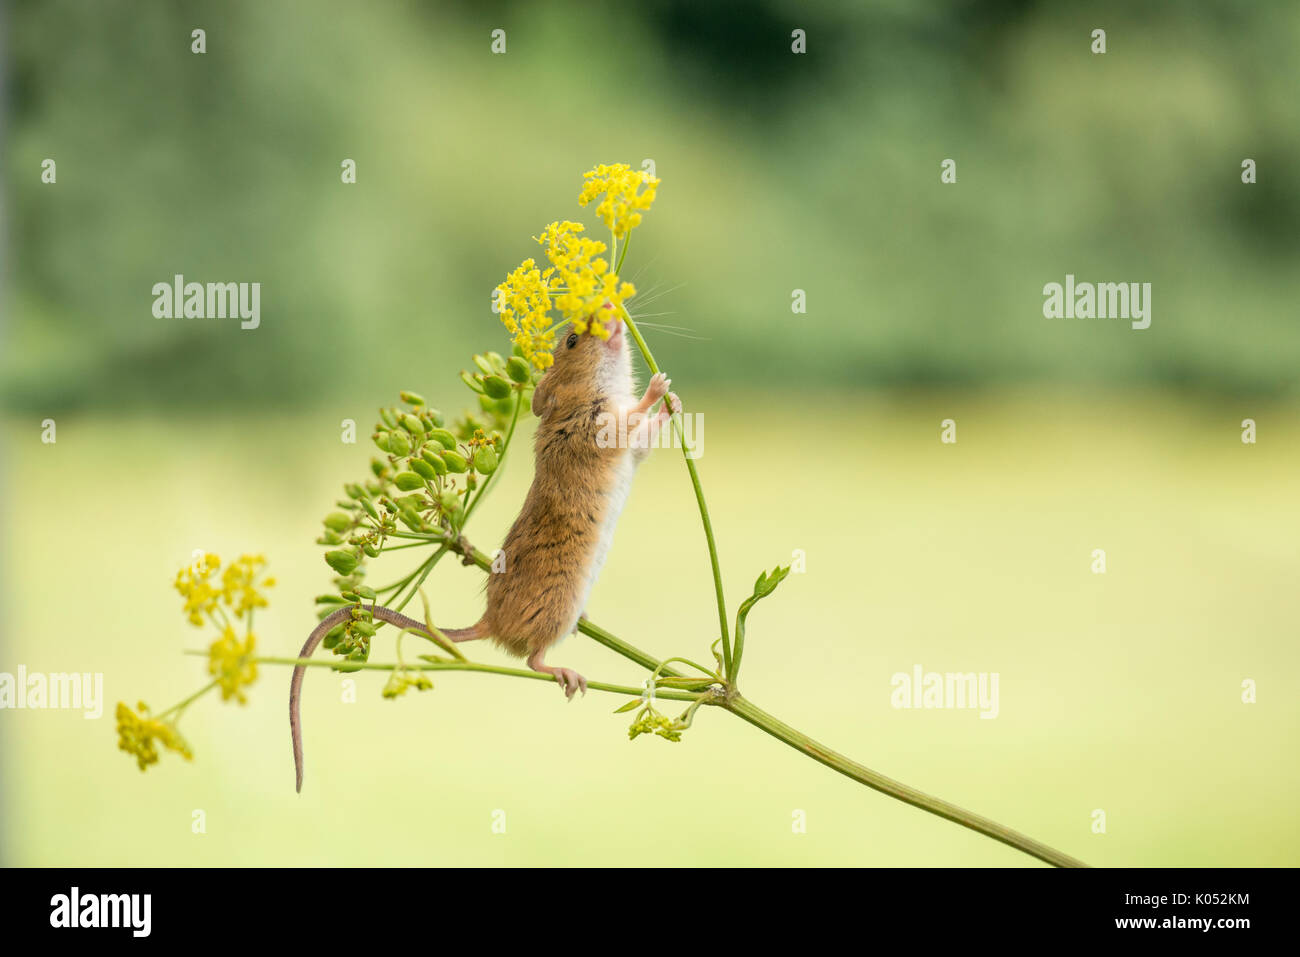 Ernte Maus (Micromys Minutus) essen Samen und Blüten wilder Pastinak (Pastinaca sativa) Stockbild